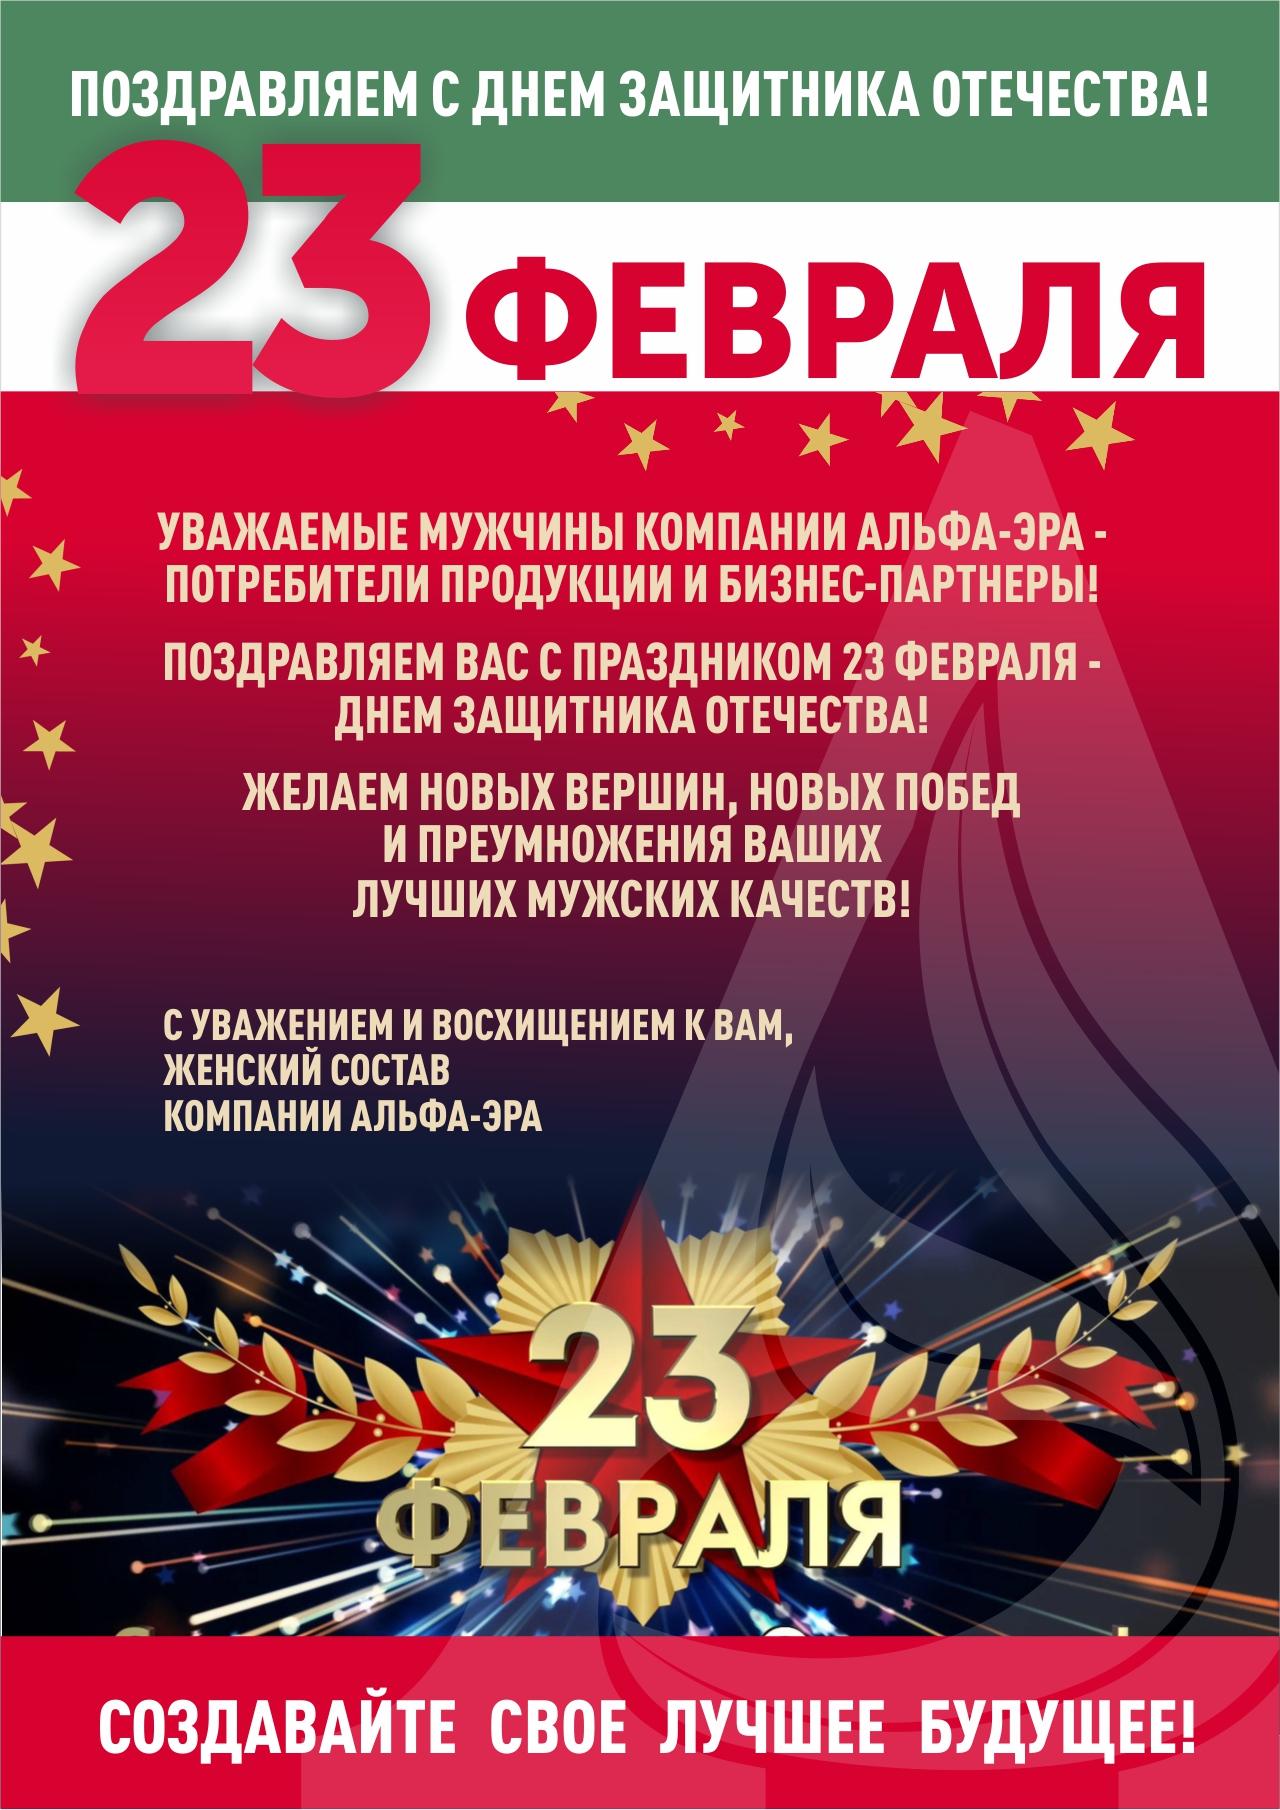 открытка от компании для партнеров 23 ФЕВРАЛЯ